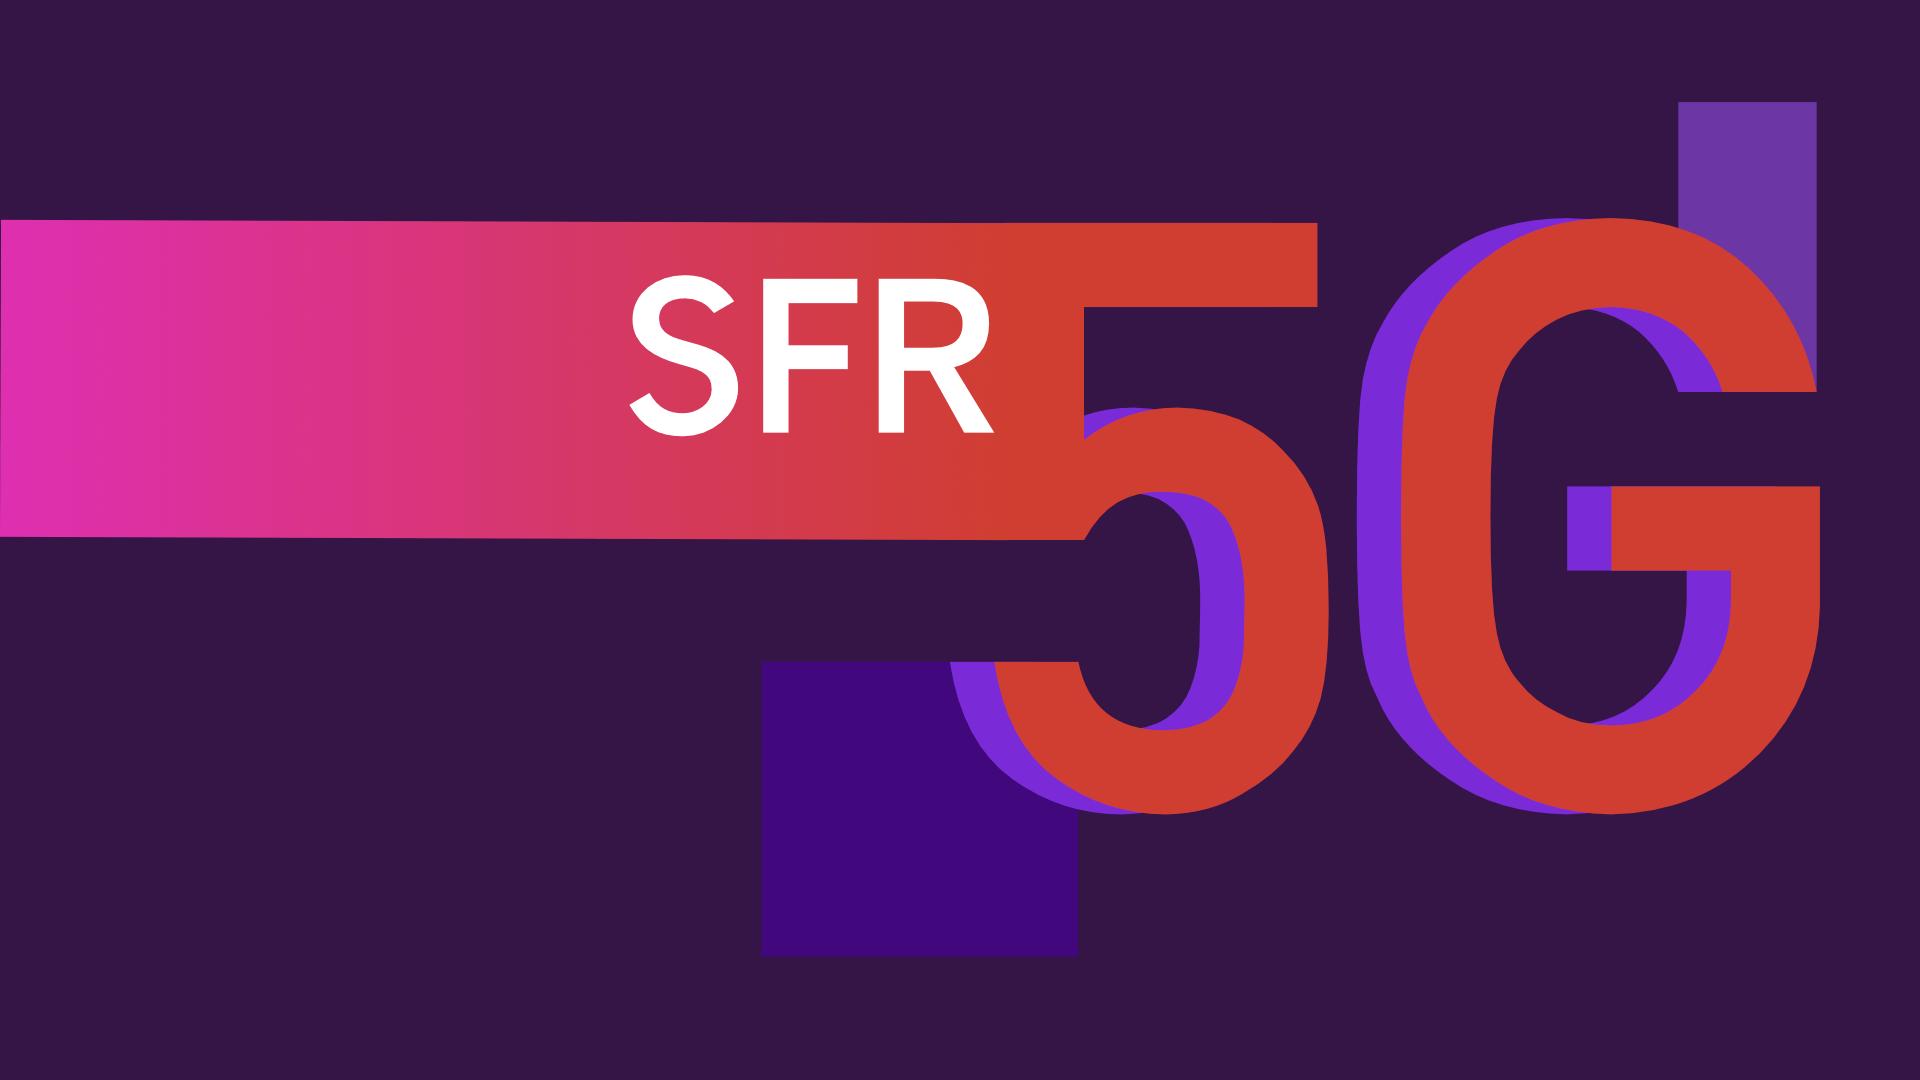 5G : voici les 120 communes couvertes par SFR dès décembre 2020